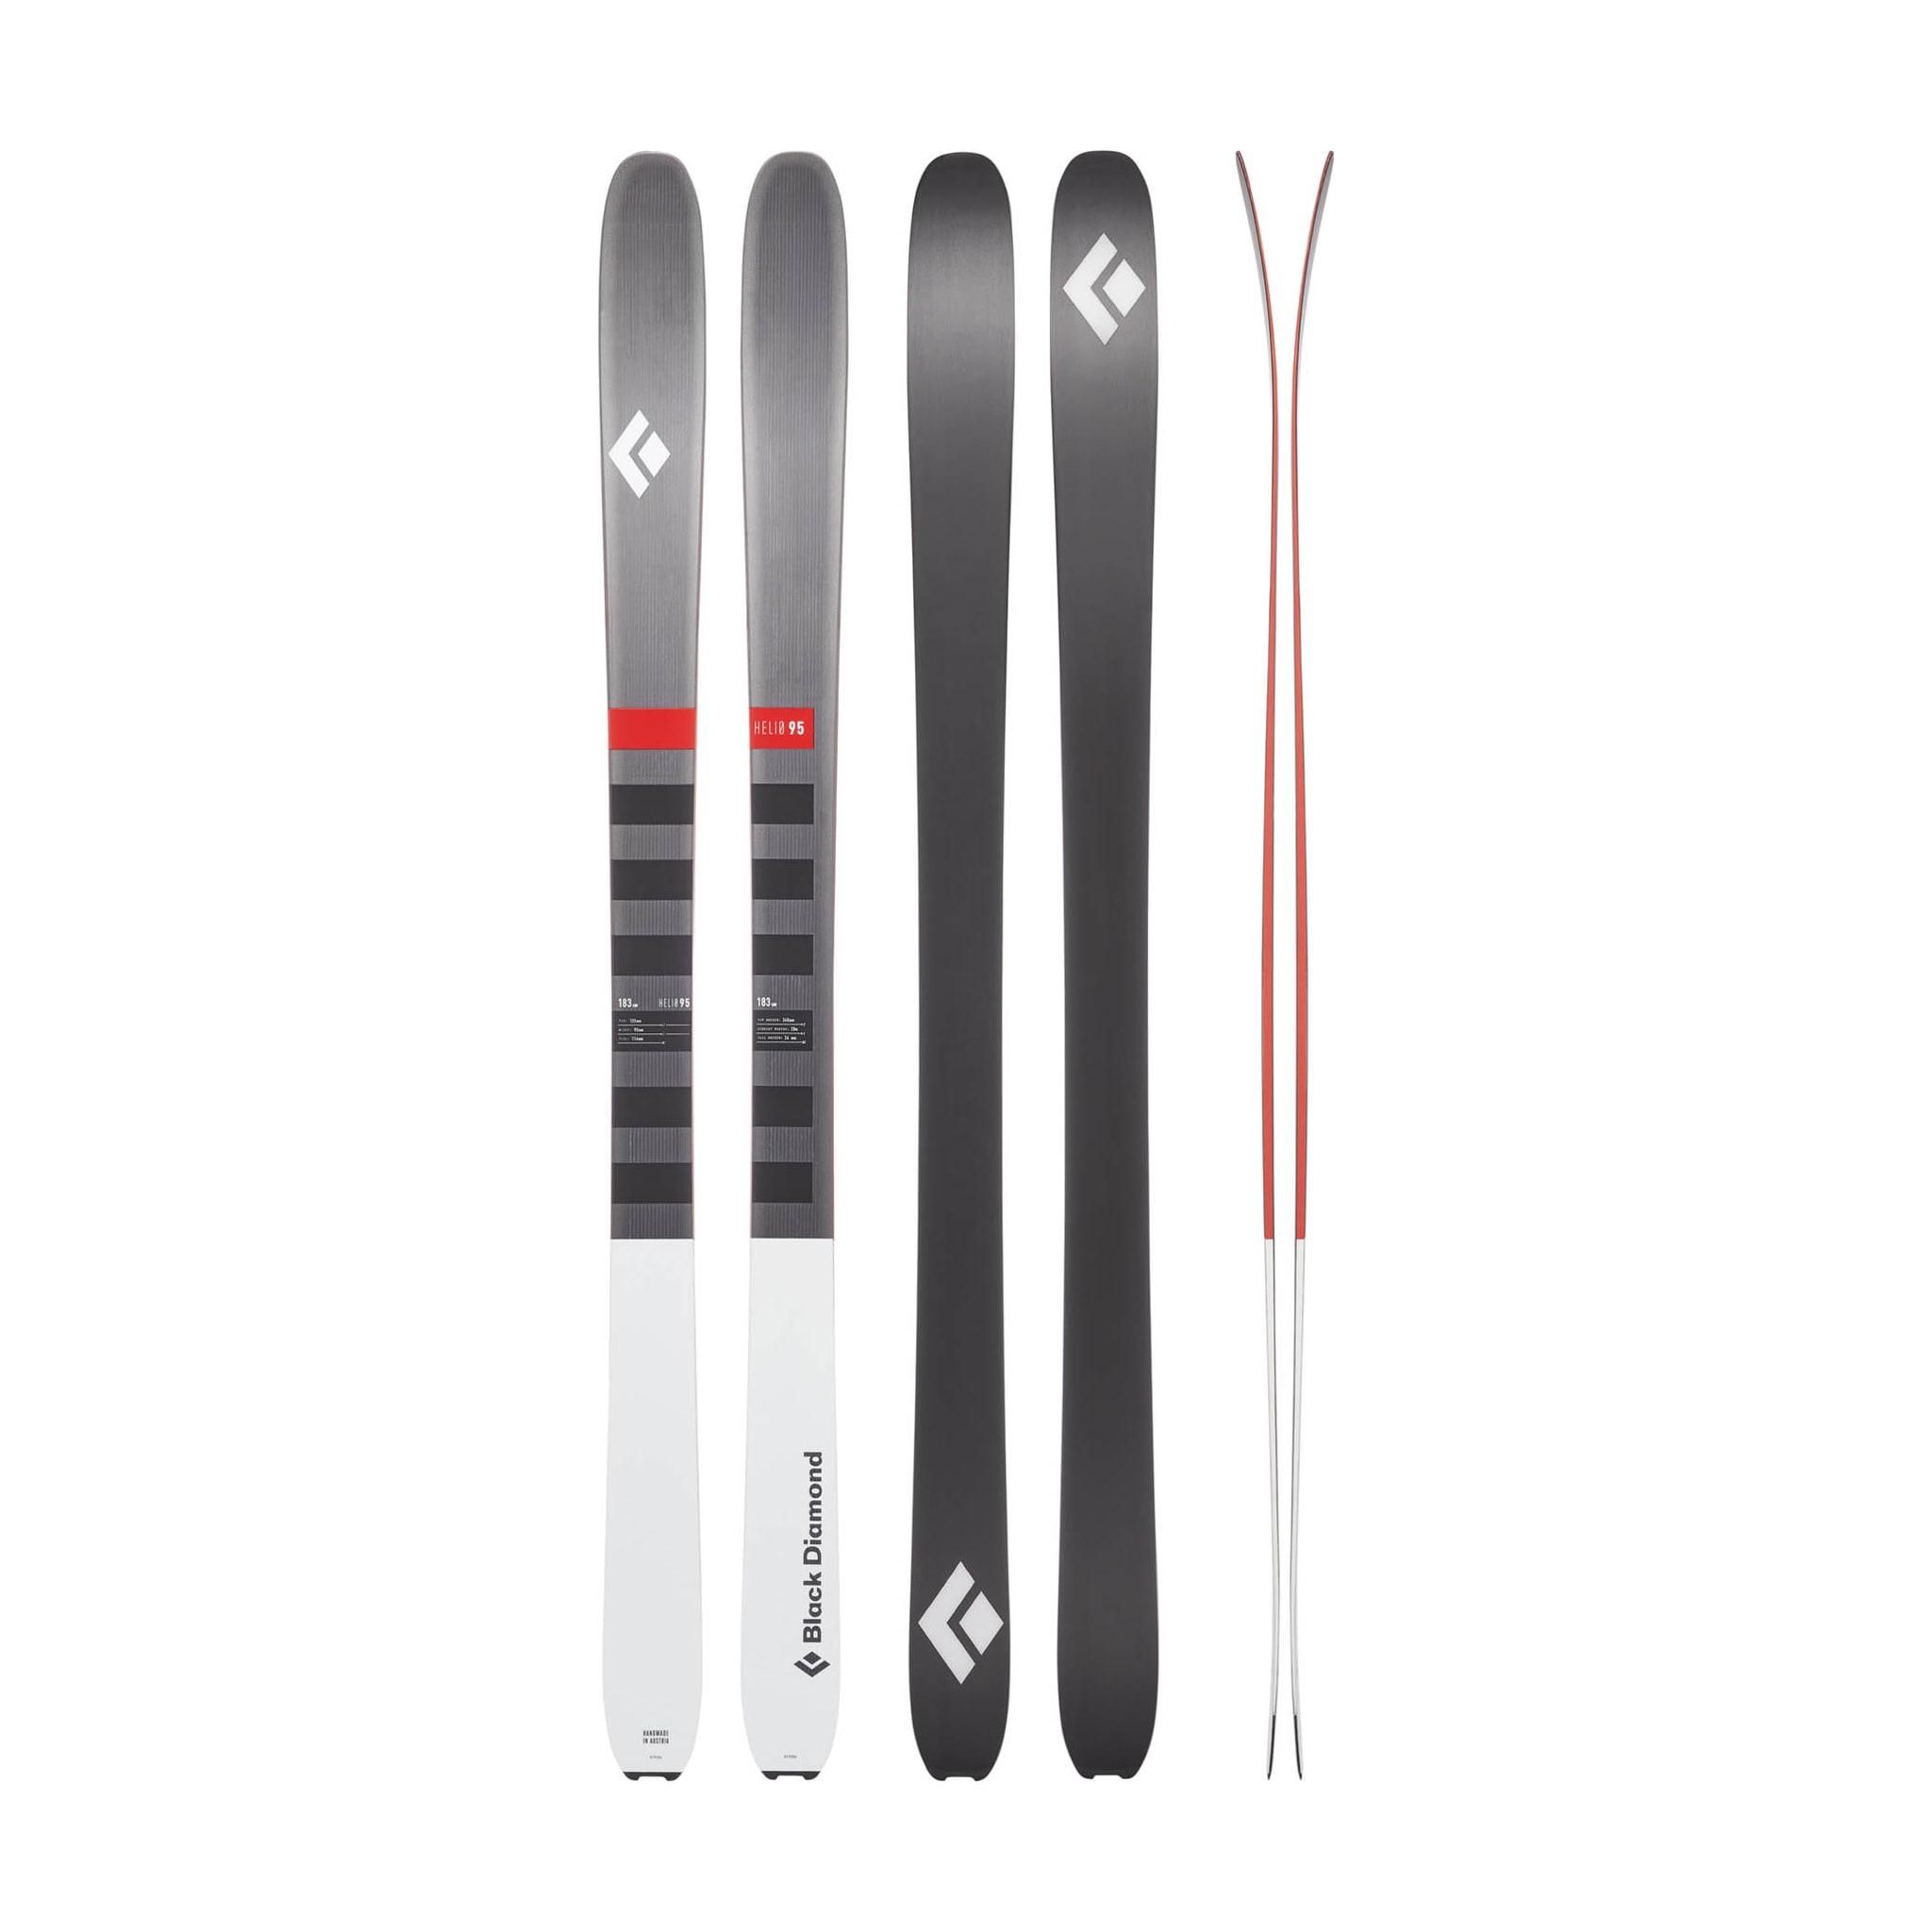 Ei lett ski som oppleves som smooooth på både mjukt og hardt føre